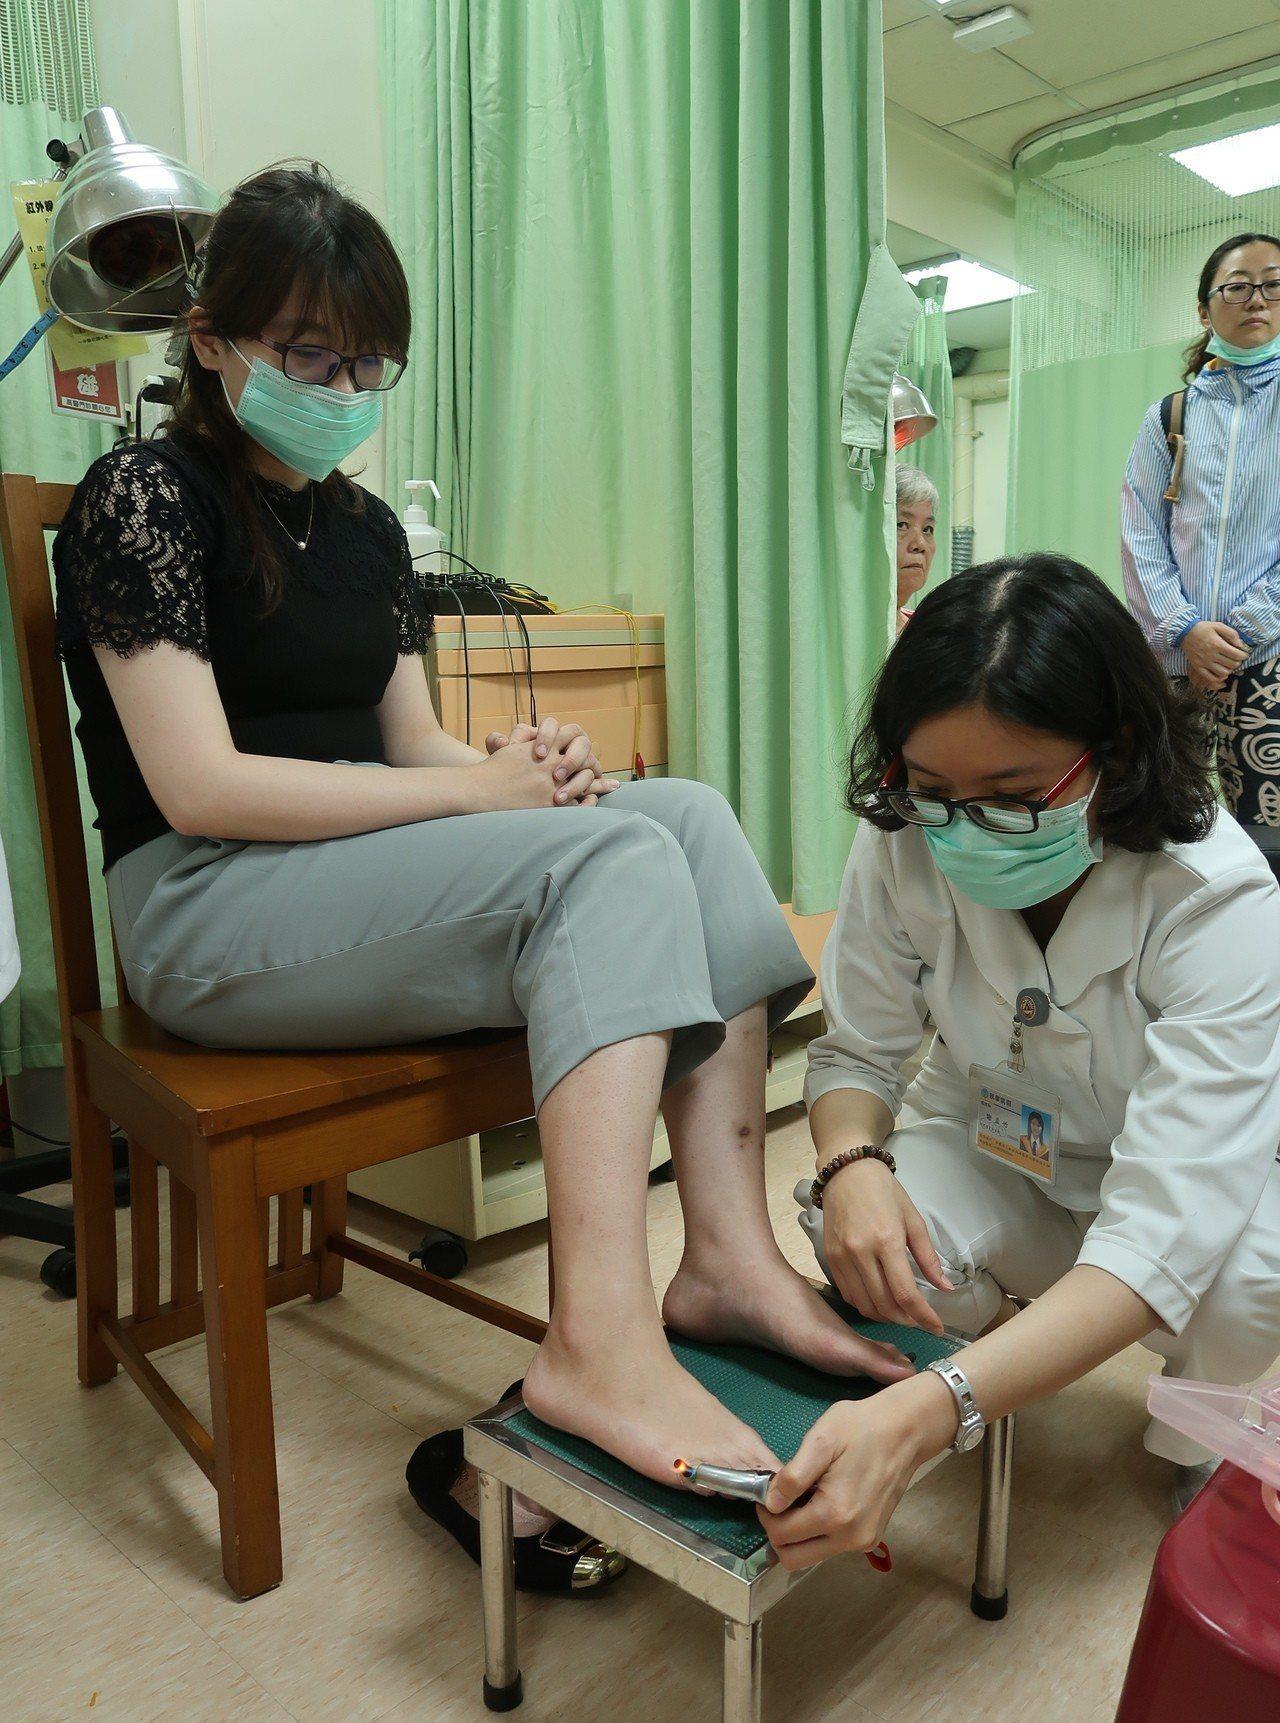 「艾灸轉胎」是中醫傳統療法,將艾灸置於雙腳小趾的「至陰穴」燻。記者徐如宜/攝影